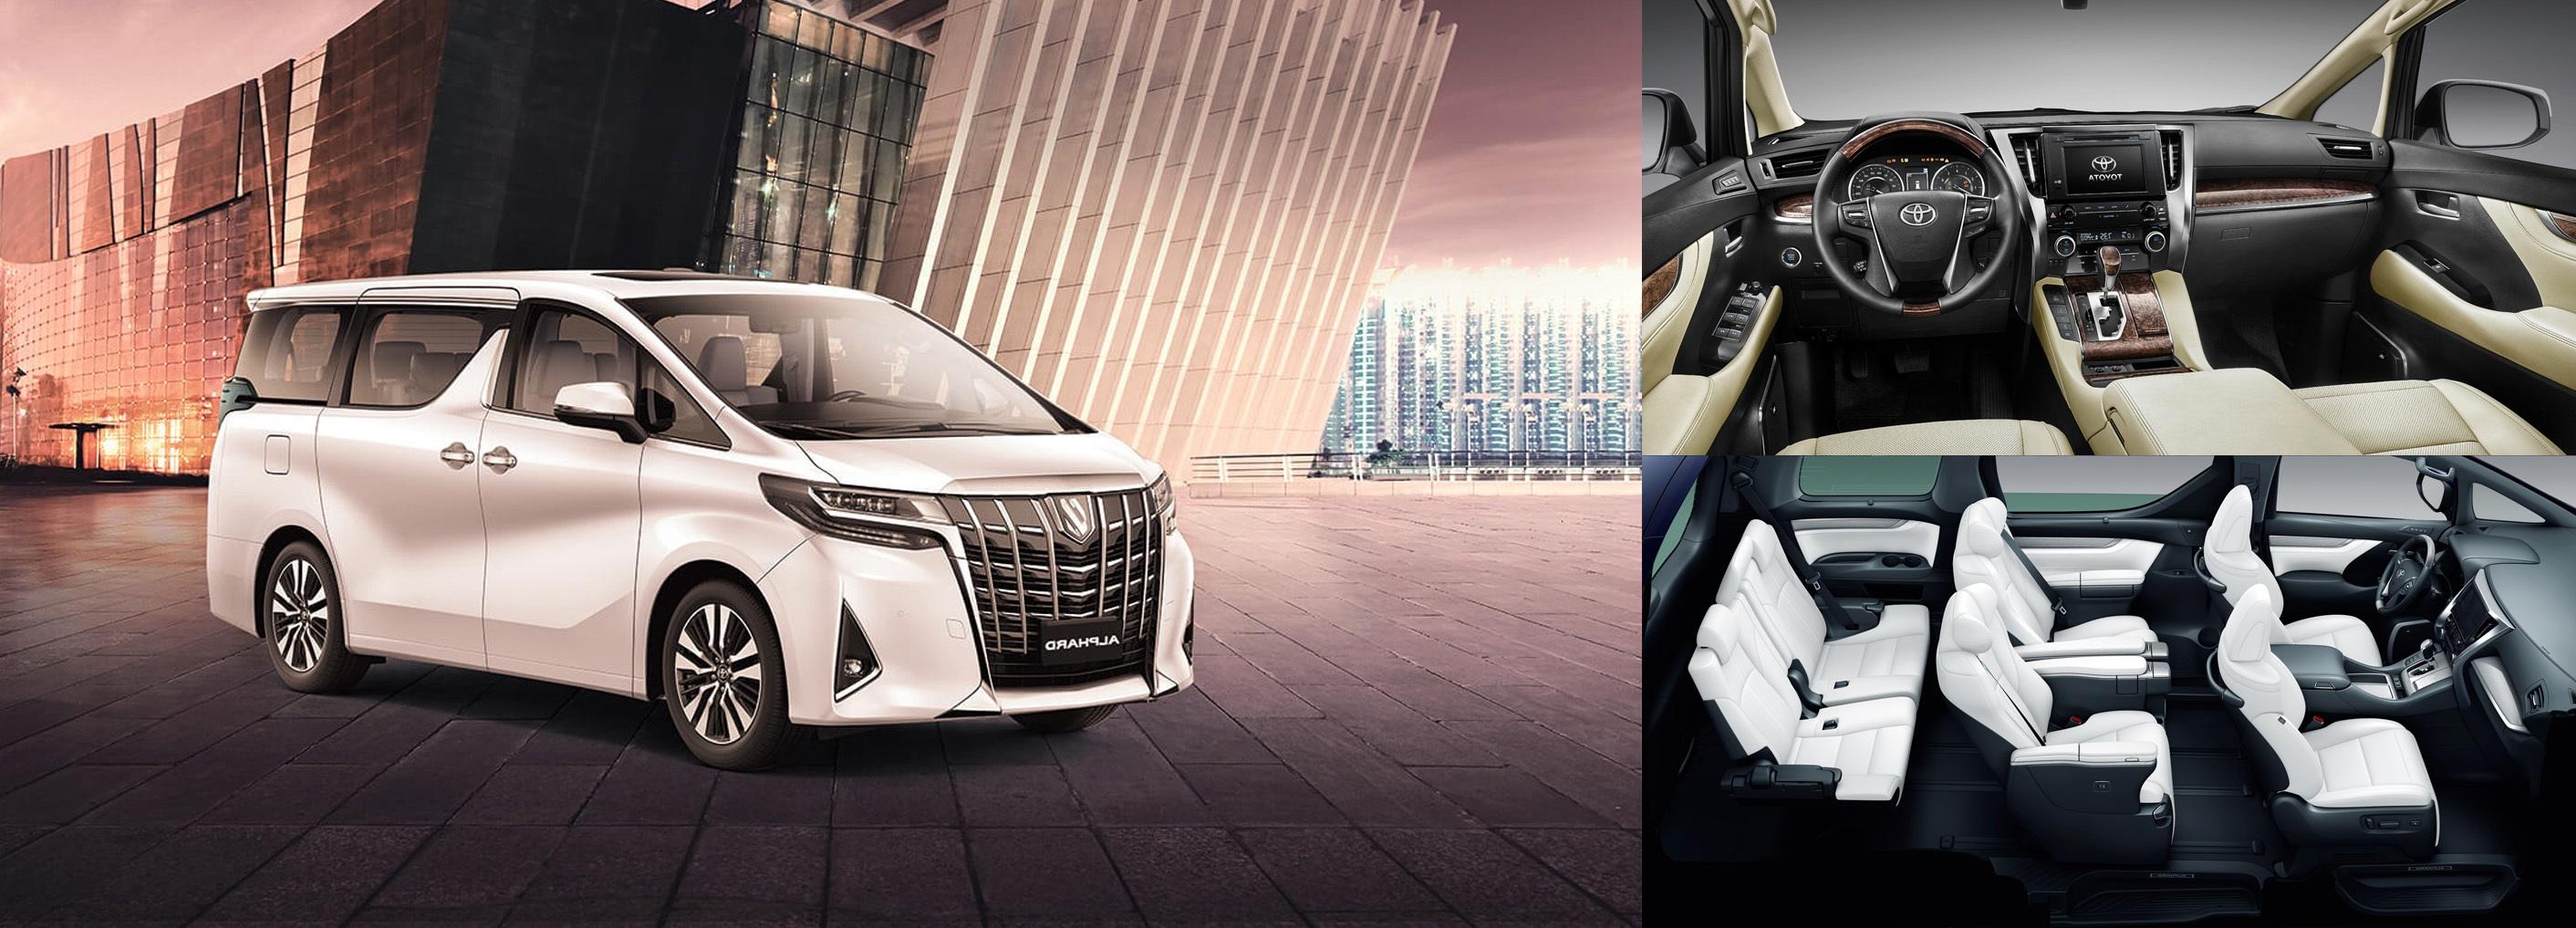 Phân khúc MPV tháng 5/2019: Sự ngạc nhiên mang tên Mitsubishi Xpander - 13